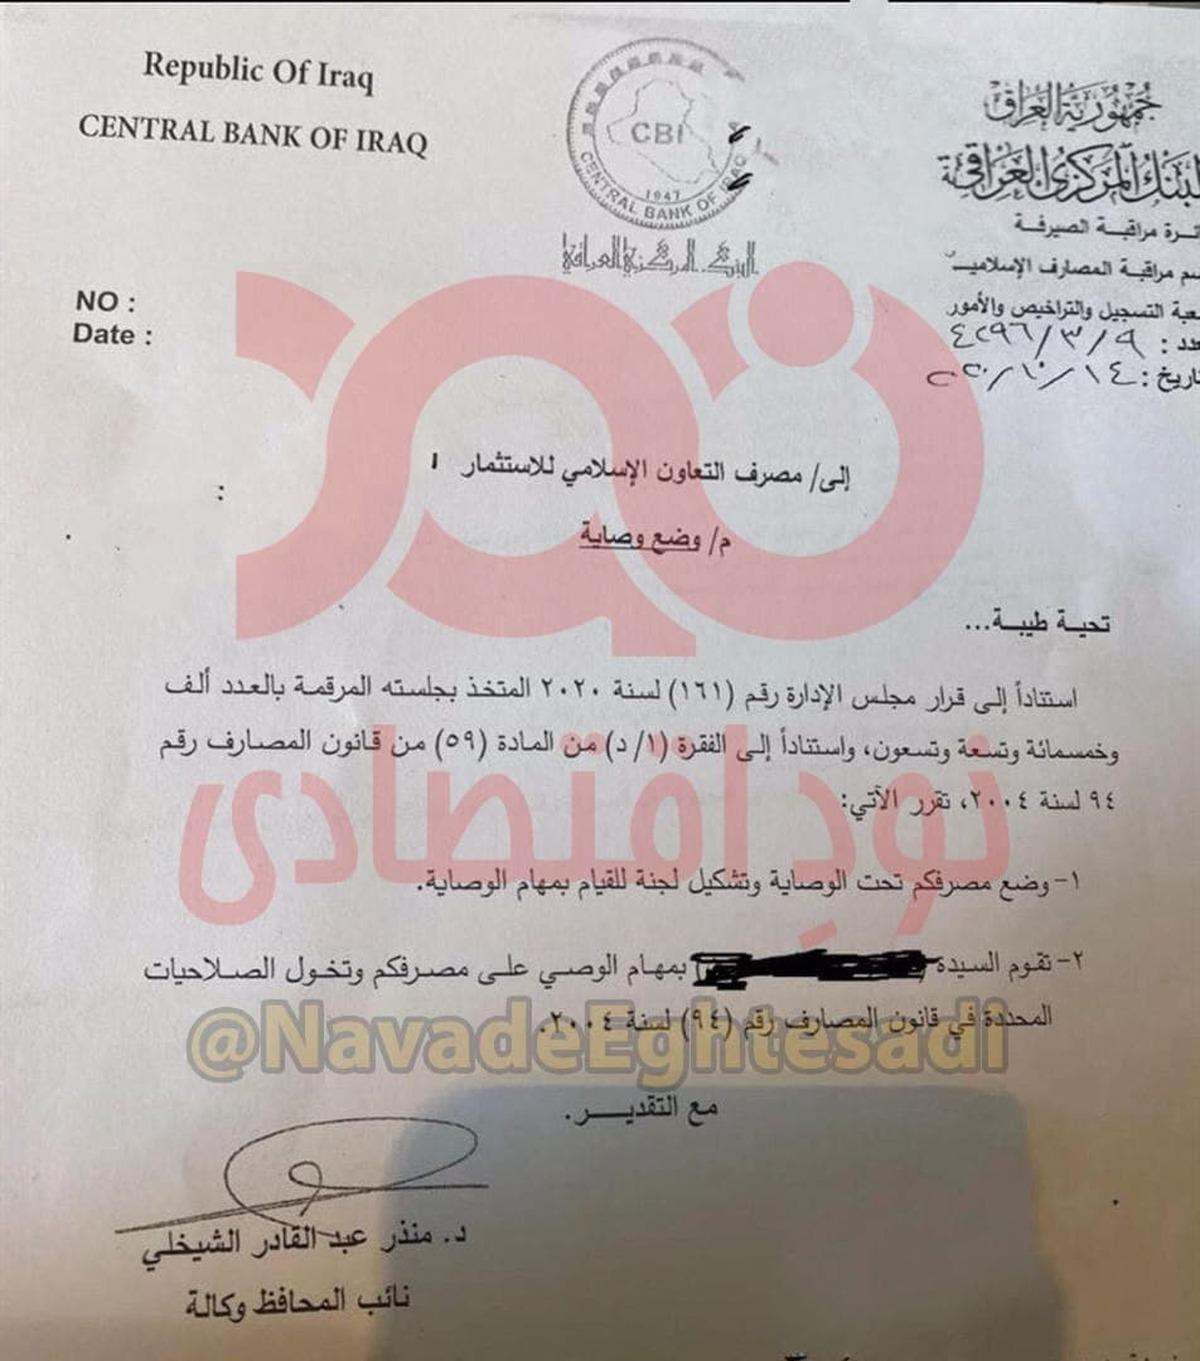 یک بانک ایرانی به کنترل بانک مرکزی عراق در آمد